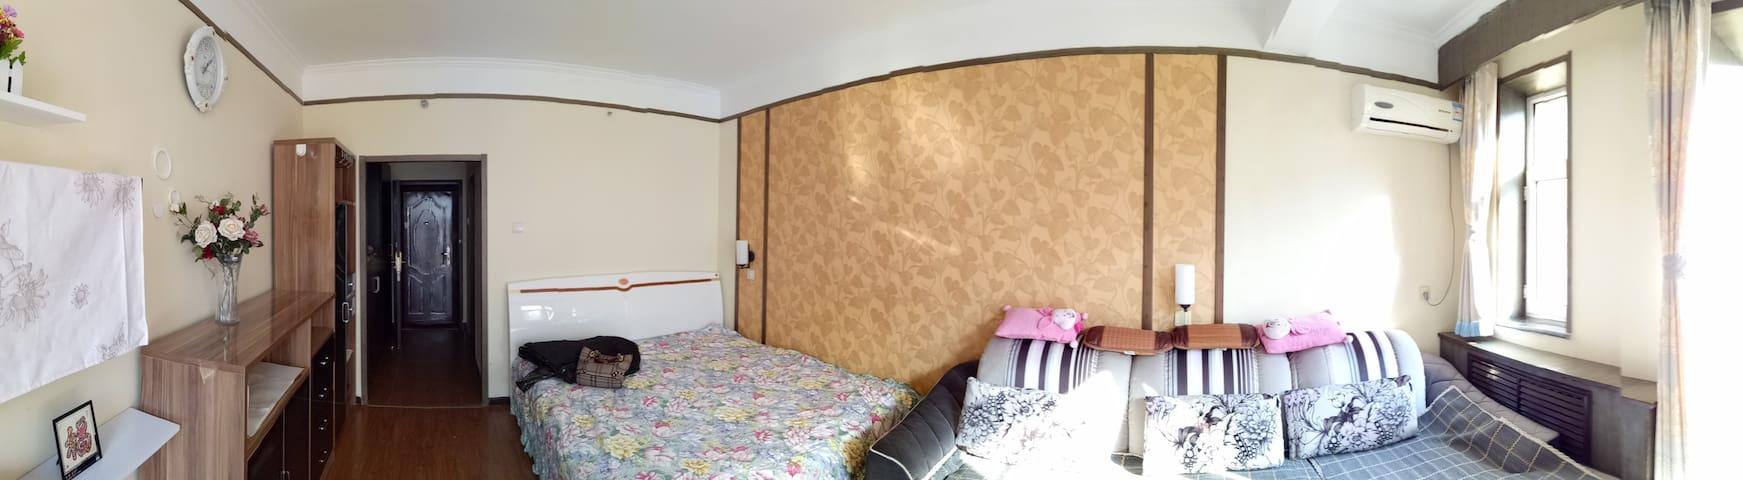 延庆深度游必住的酒店式公寓 - Beijing - Servicelägenhet